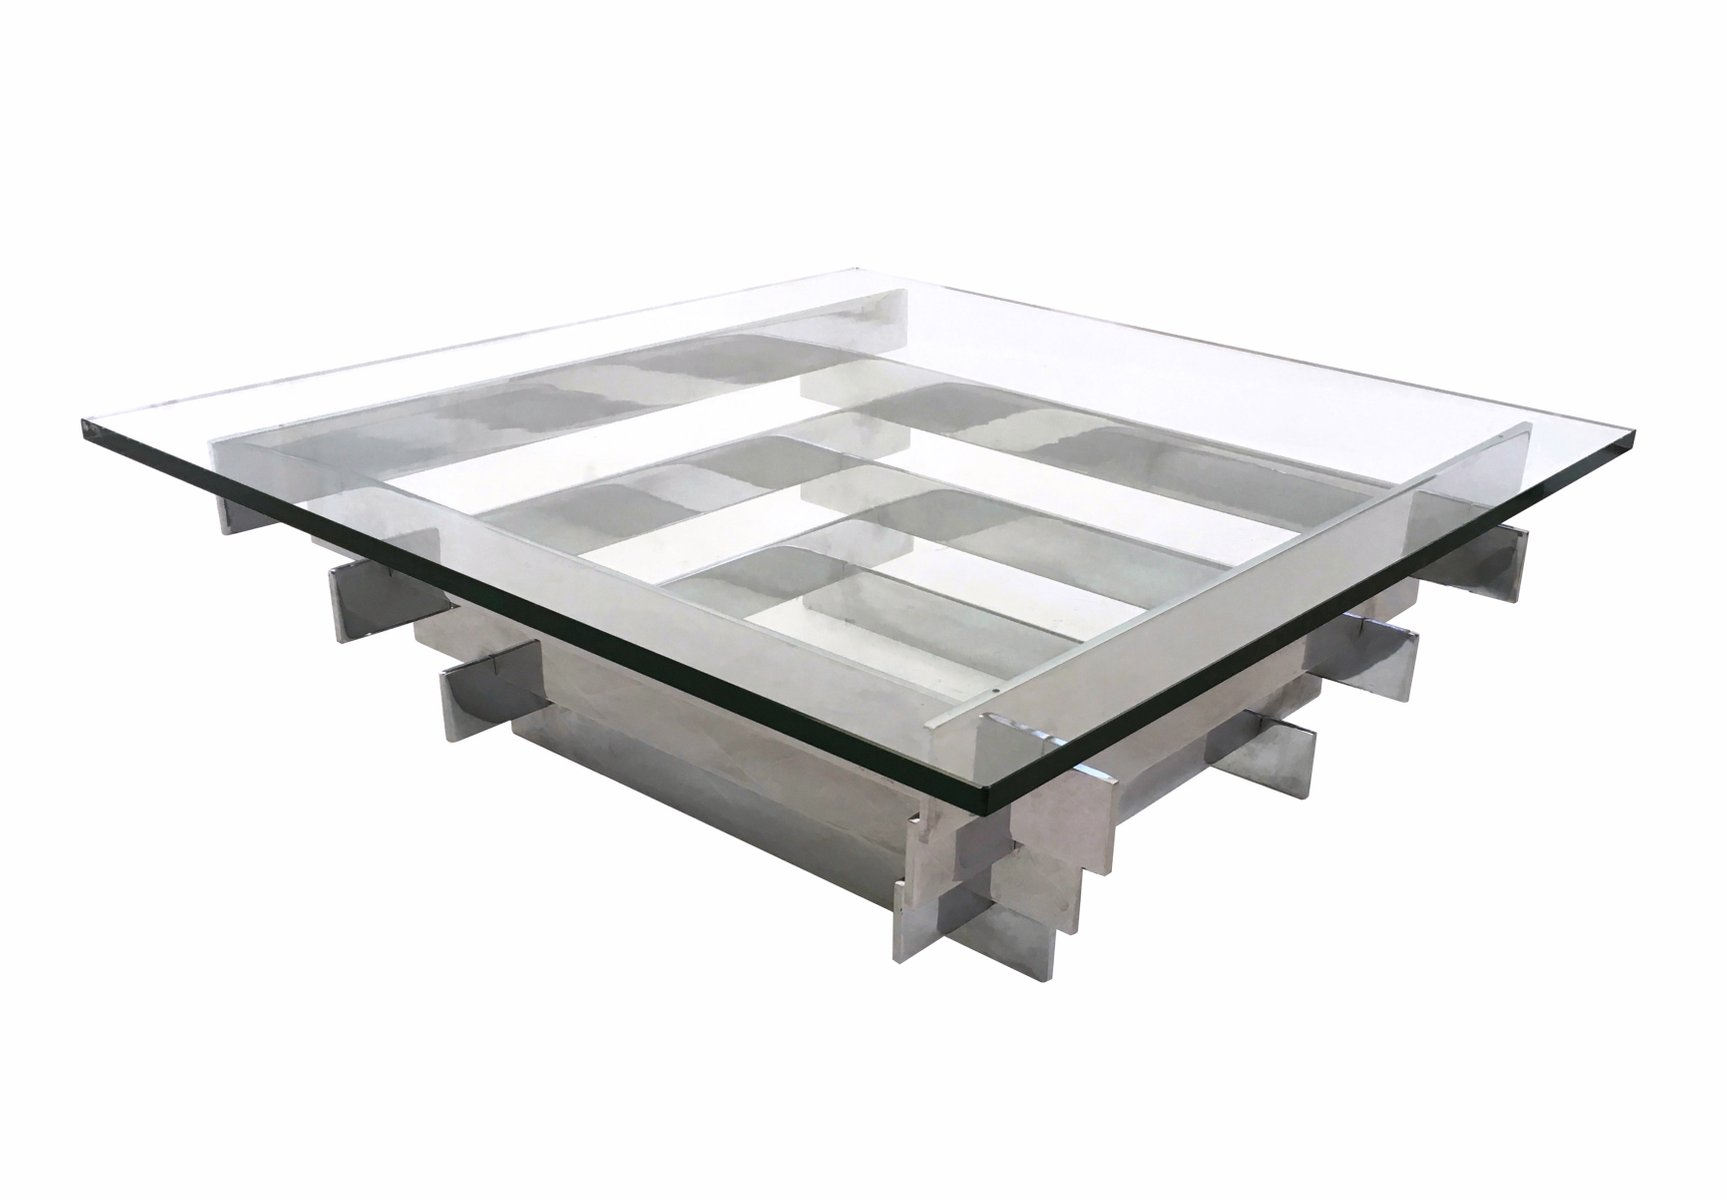 Tavolini In Vetro E Acciaio : Tavolino da caffè in vetro e acciaio di david hicks anni 60 in